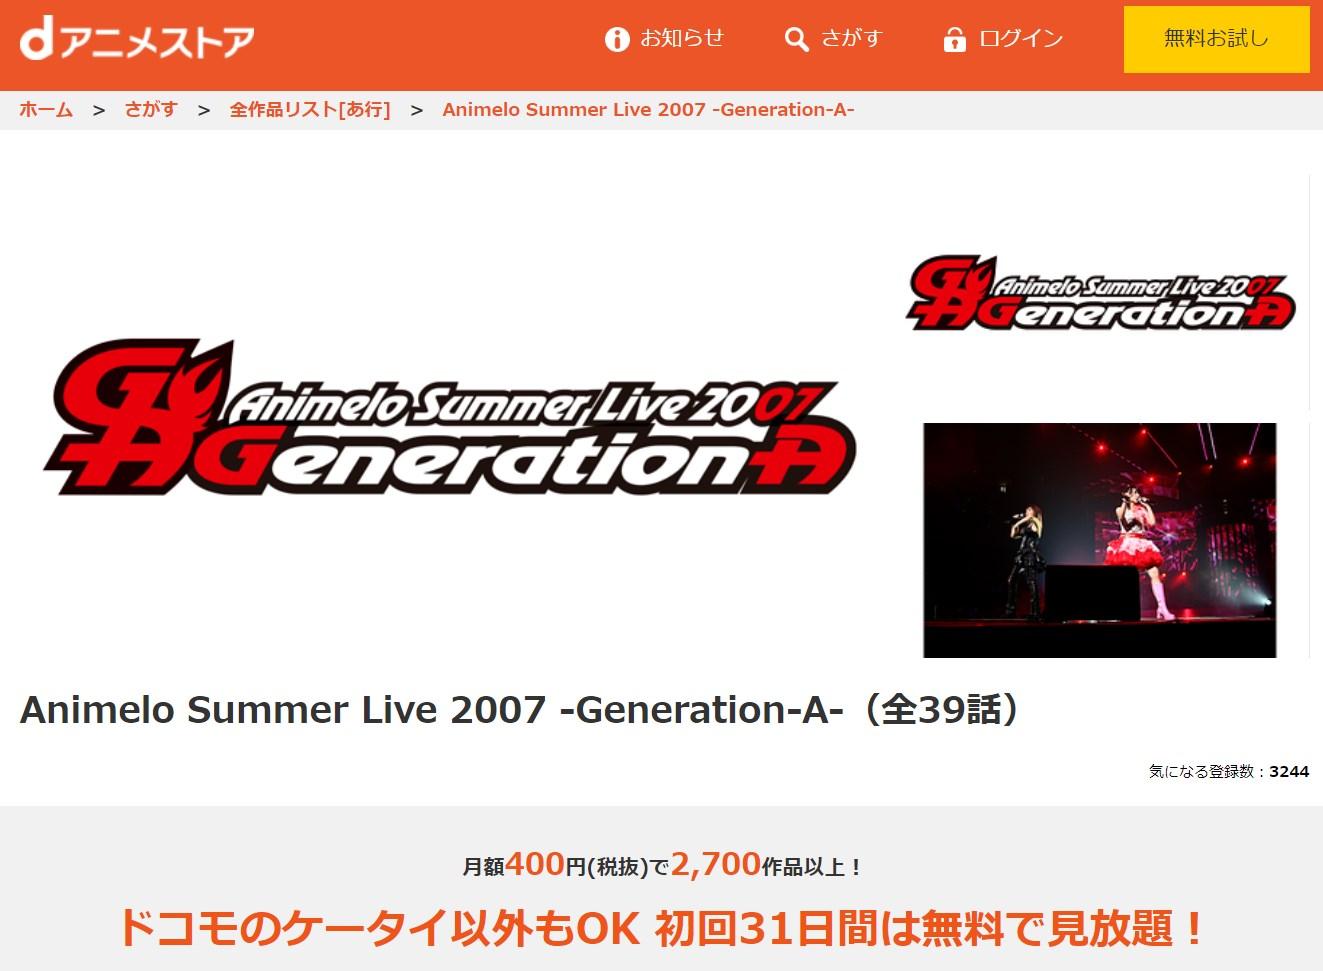 アニサマ2007の動画配信サービス